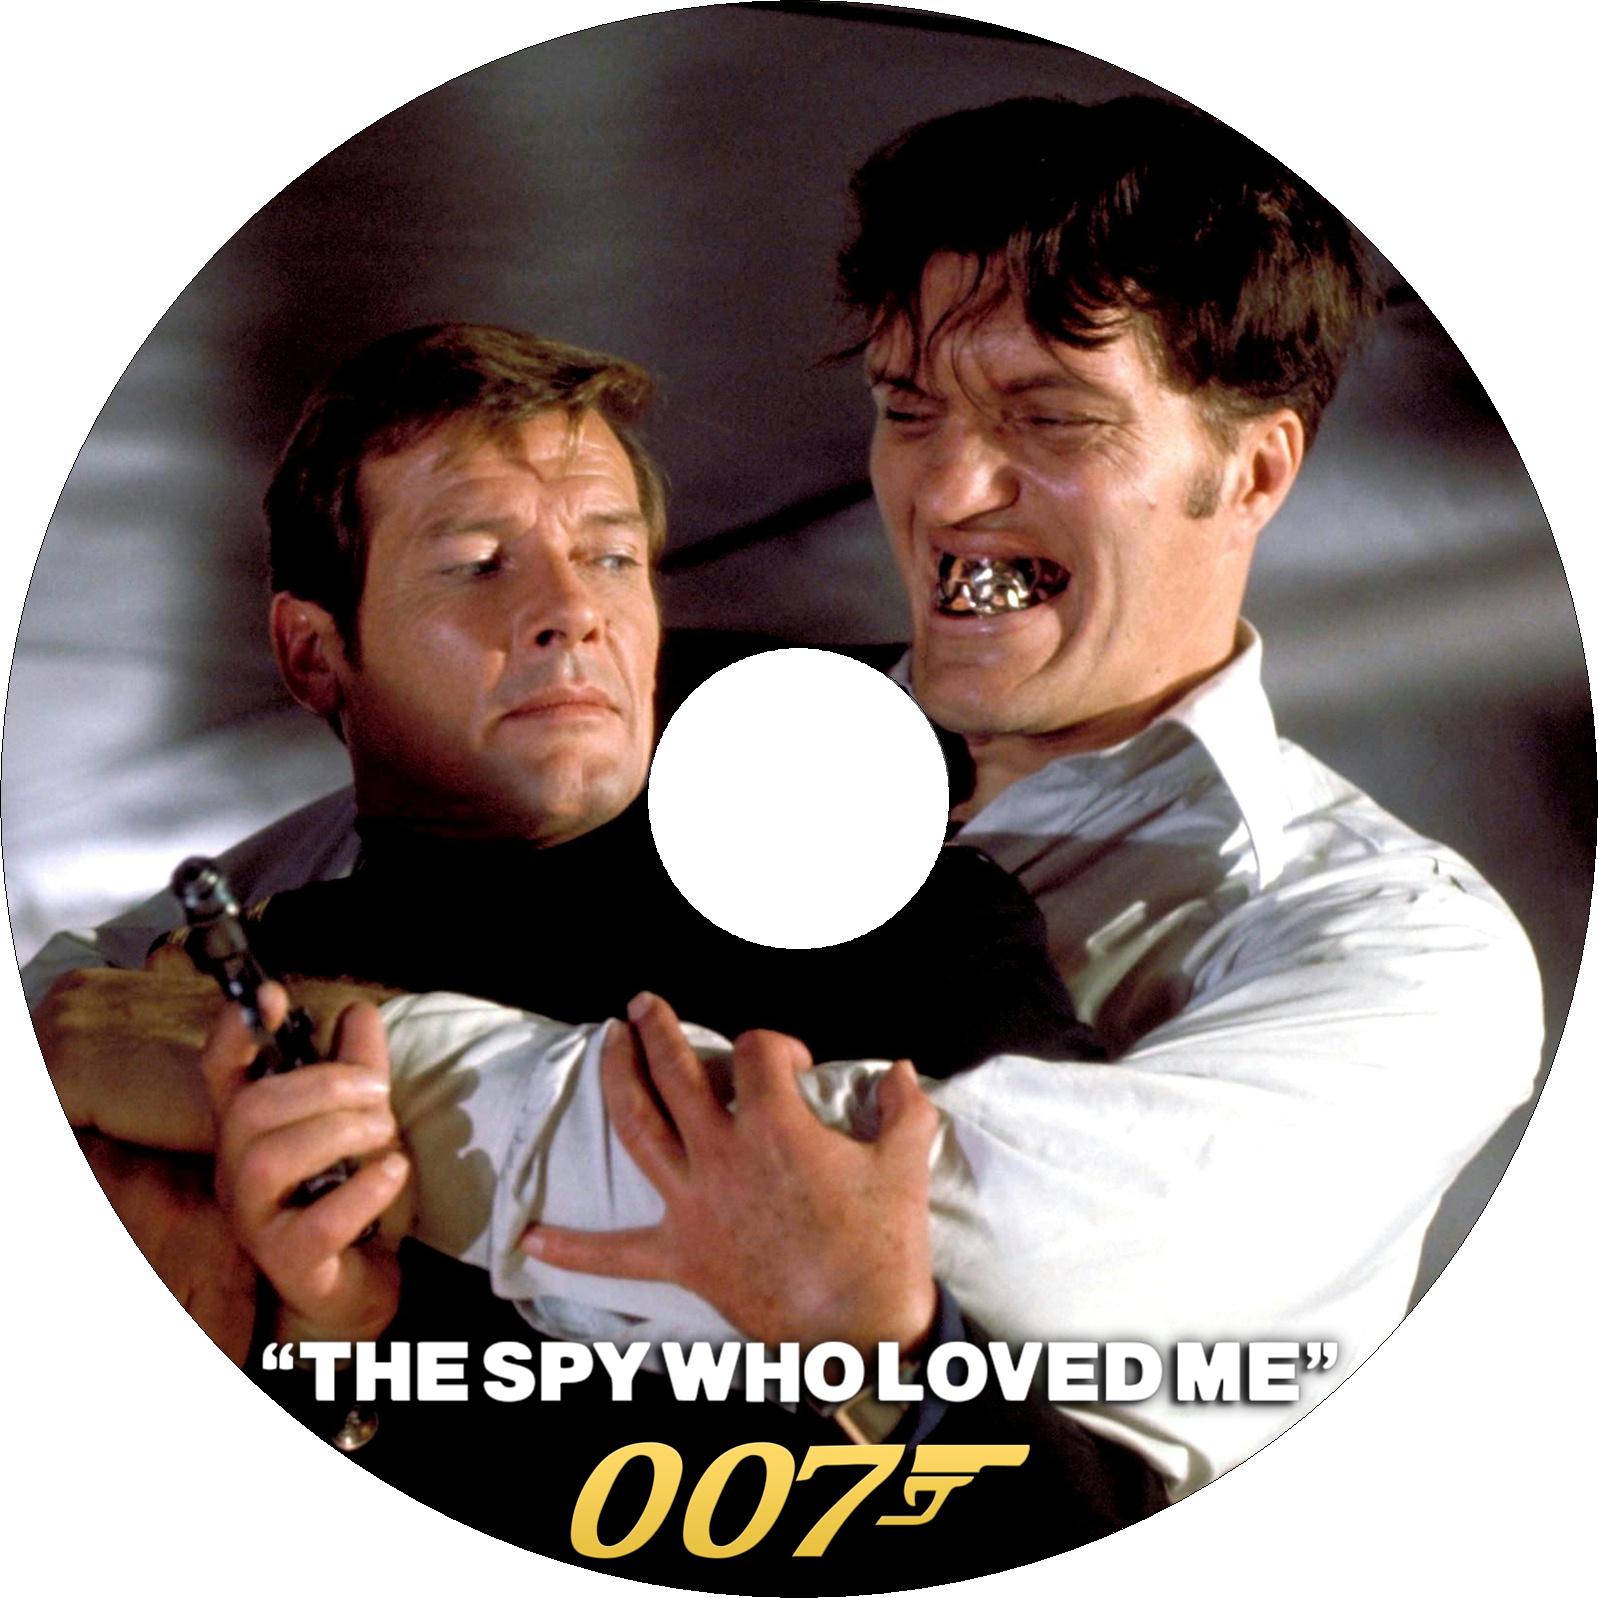 007 私を愛したスパイ ラベル(ジョーズ)